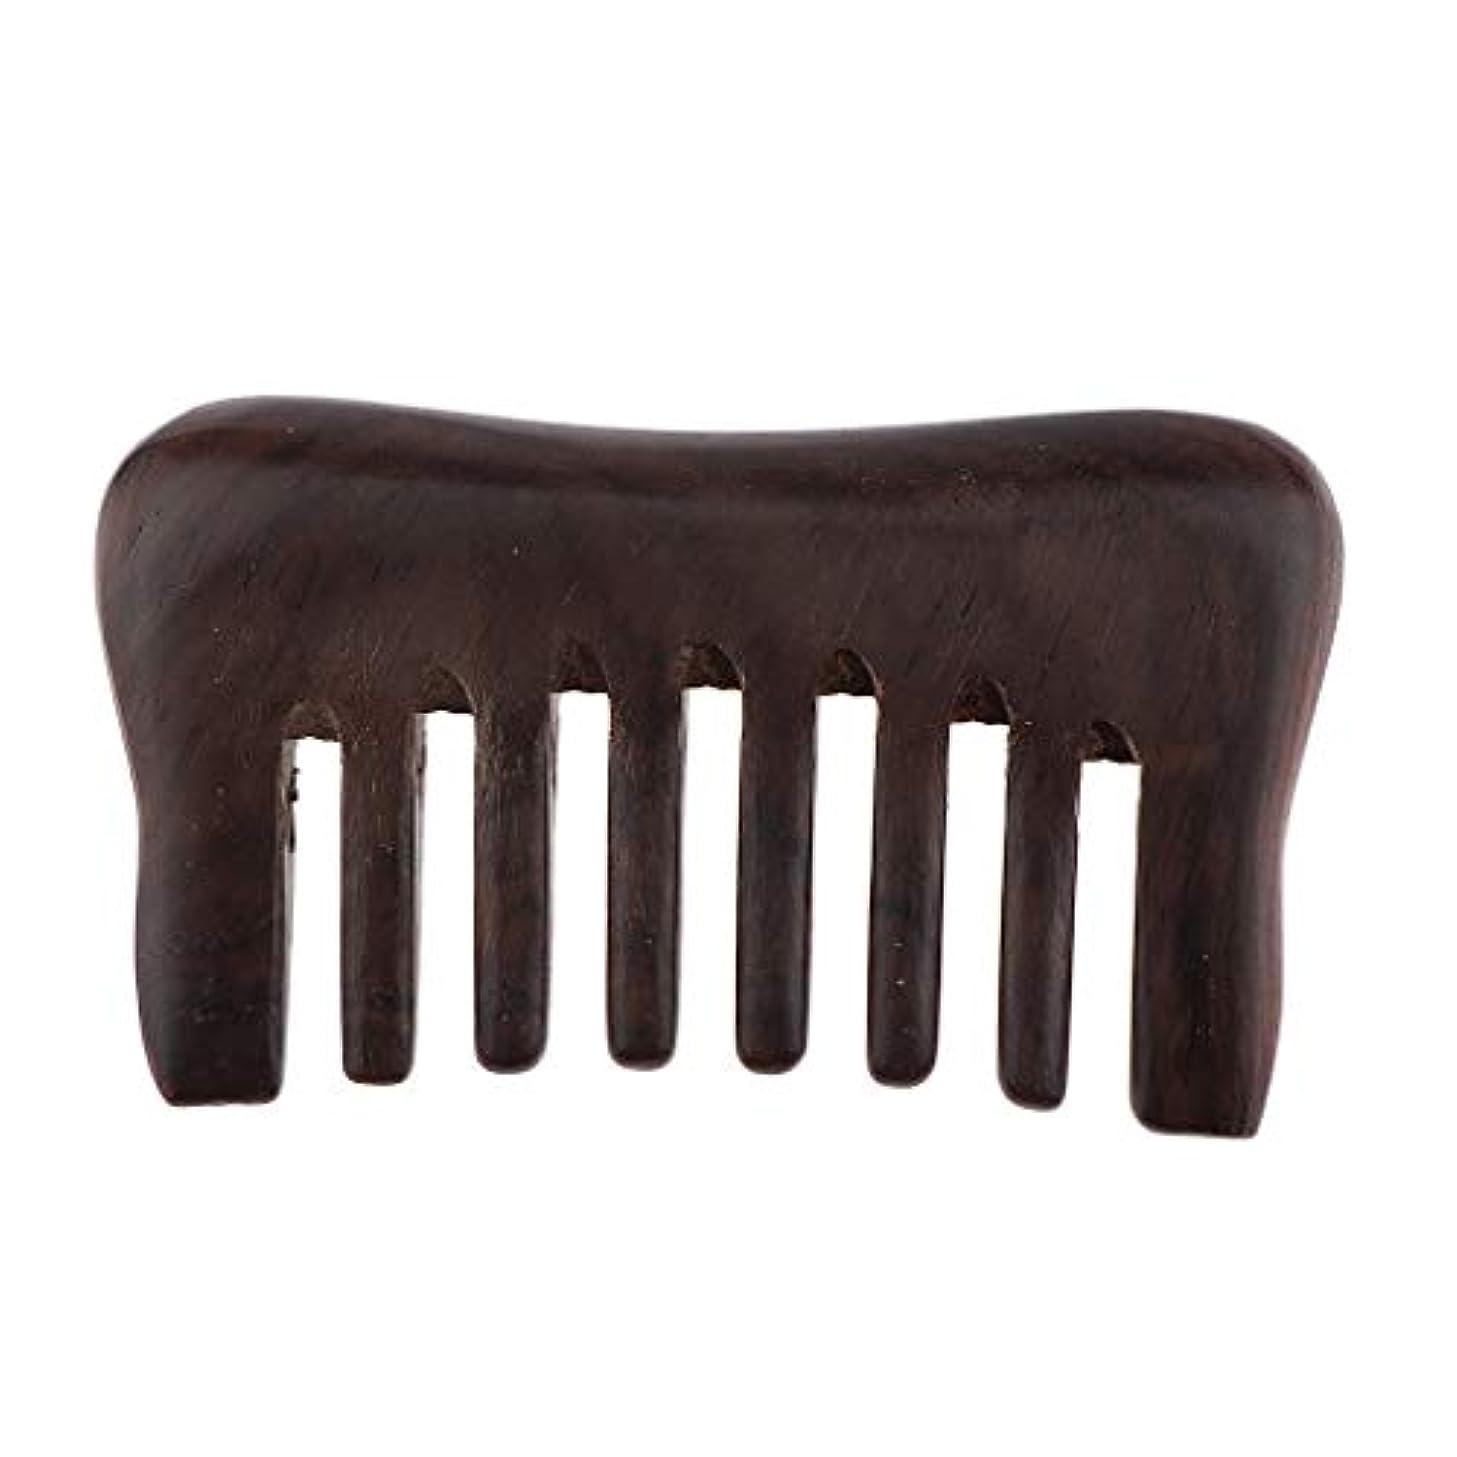 対称母性添付ヘアコーム 木製櫛 頭皮マッサージ ヘアブラシ 3色選べ - 黒檀